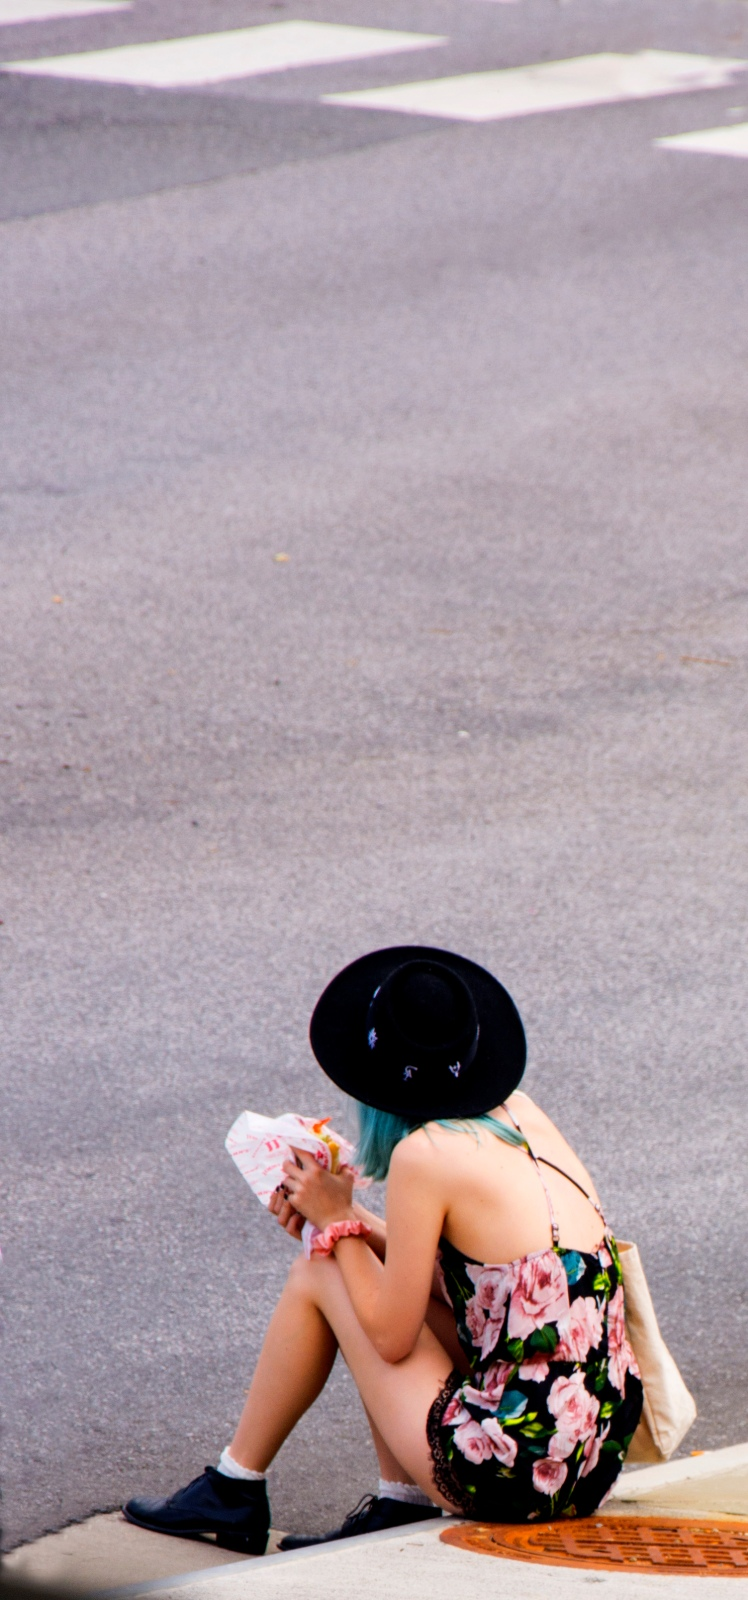 Girl at parade